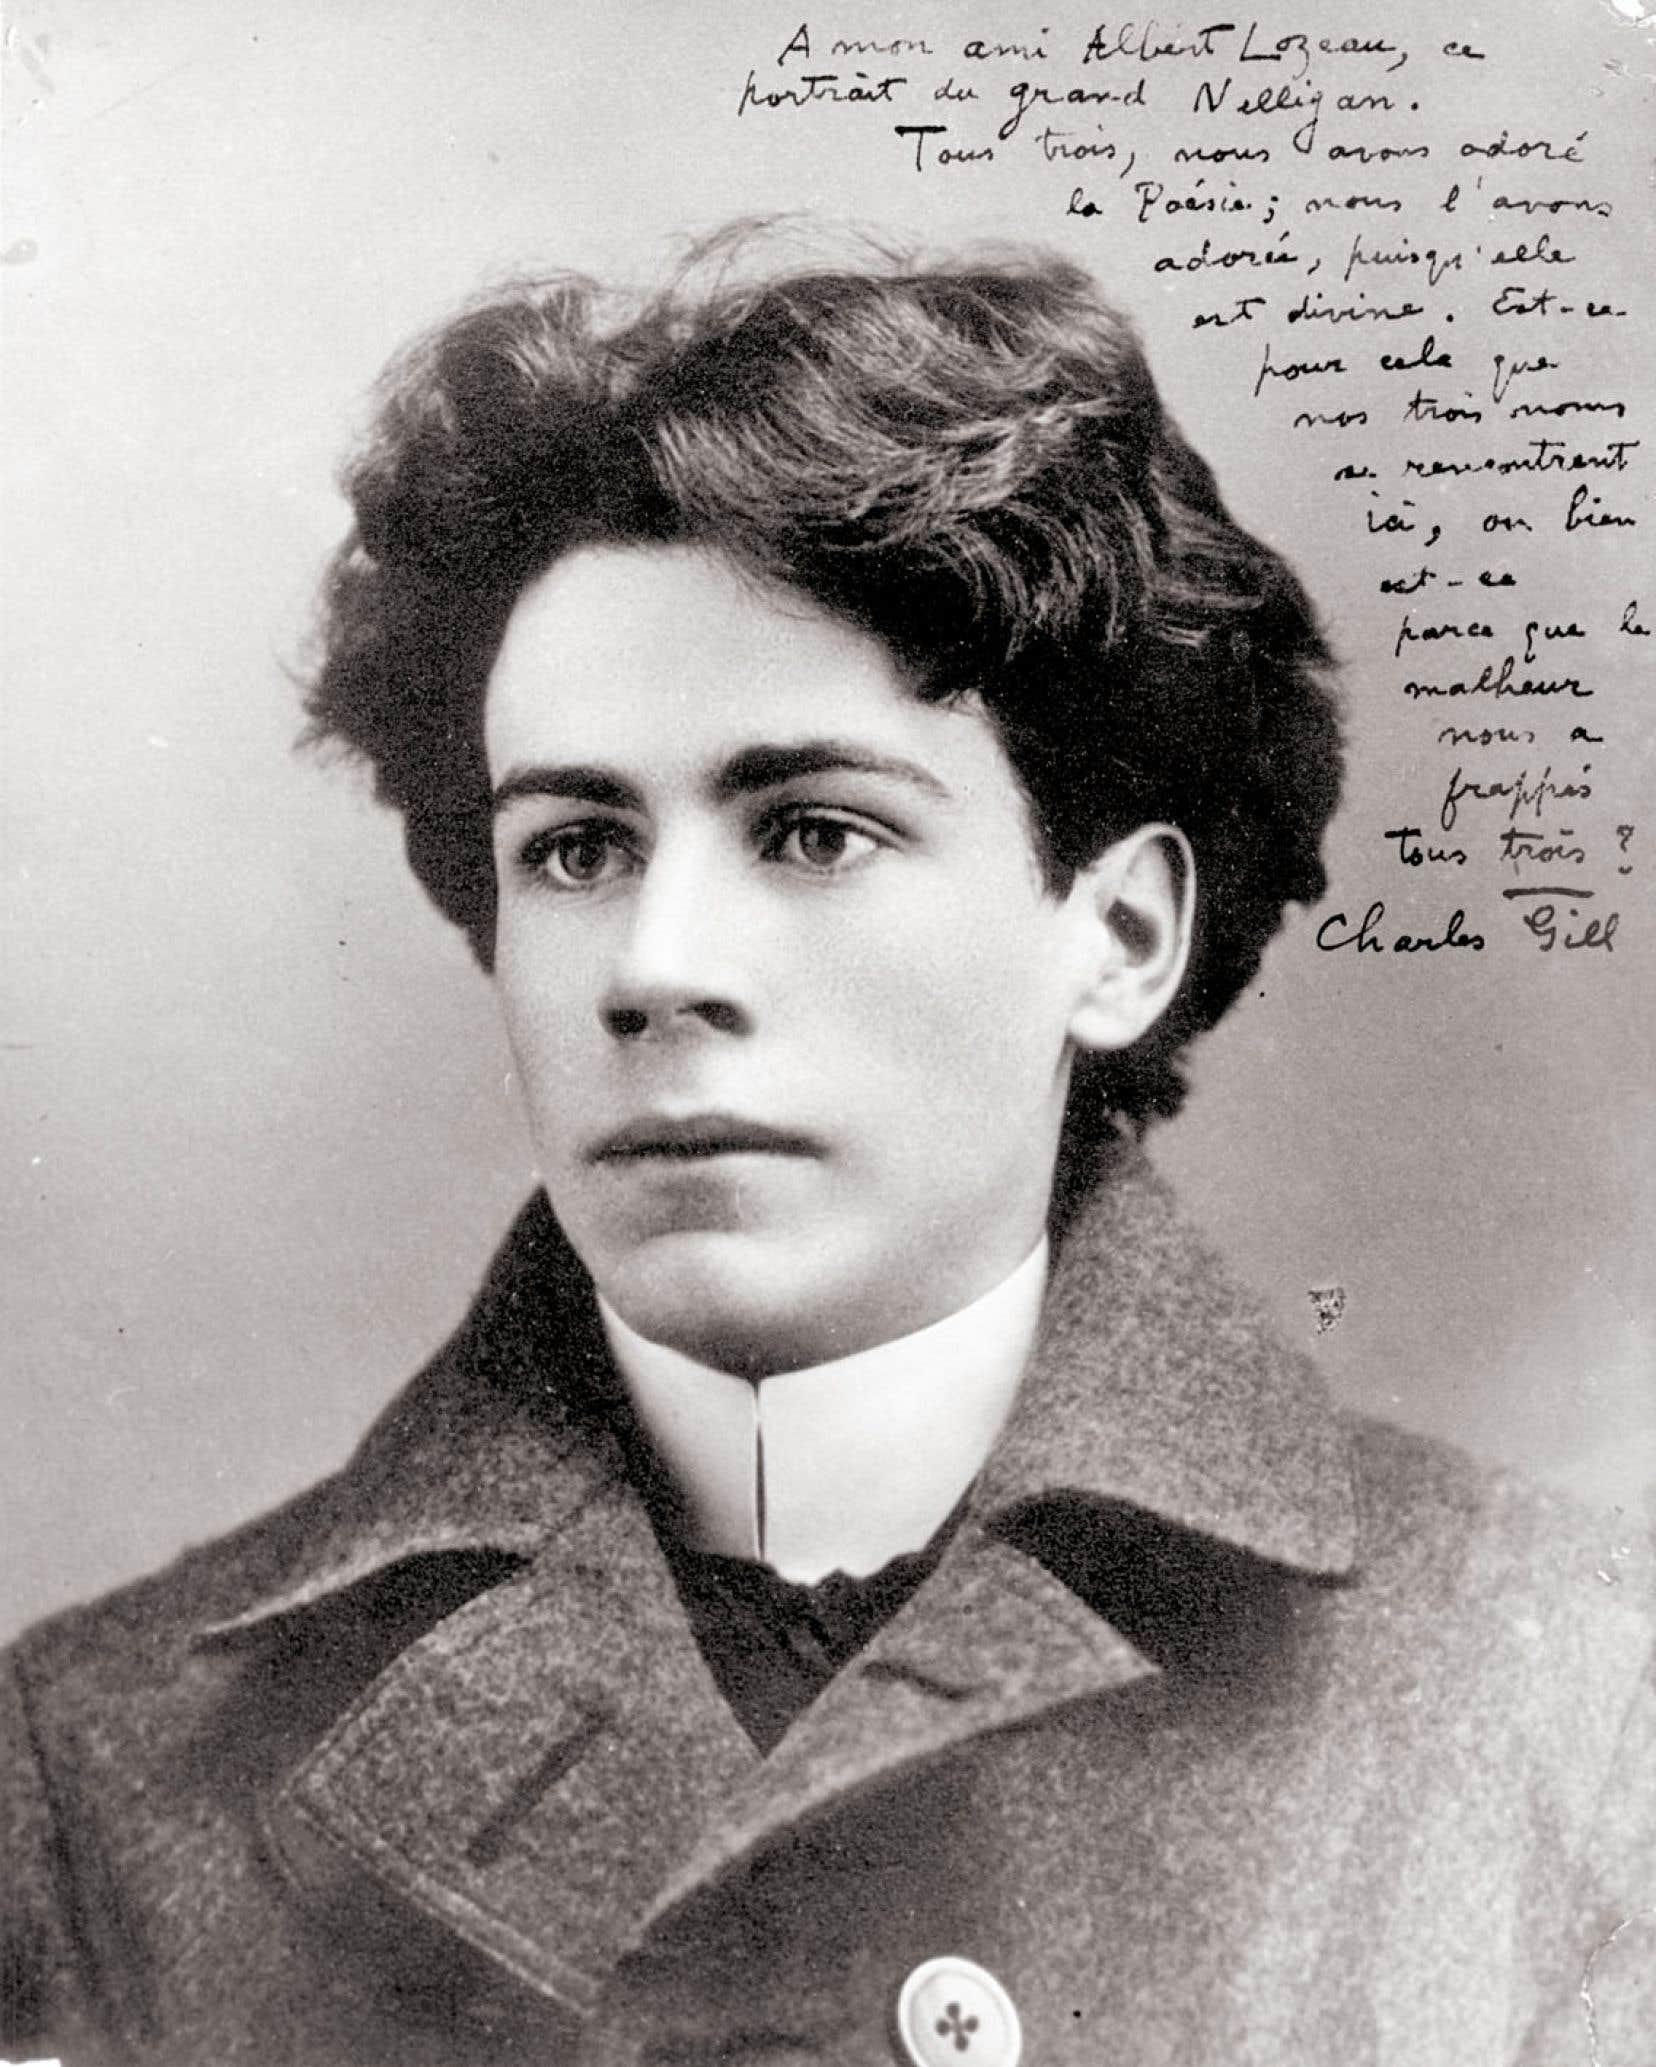 Yvette Francoli, une des meilleures spécialistes de la littérature québécoise, soutient, preuves «circonstancielles» à l'appui, que les meilleurs poèmes attribués à Nelligan ont été écrits «à quatre mains».